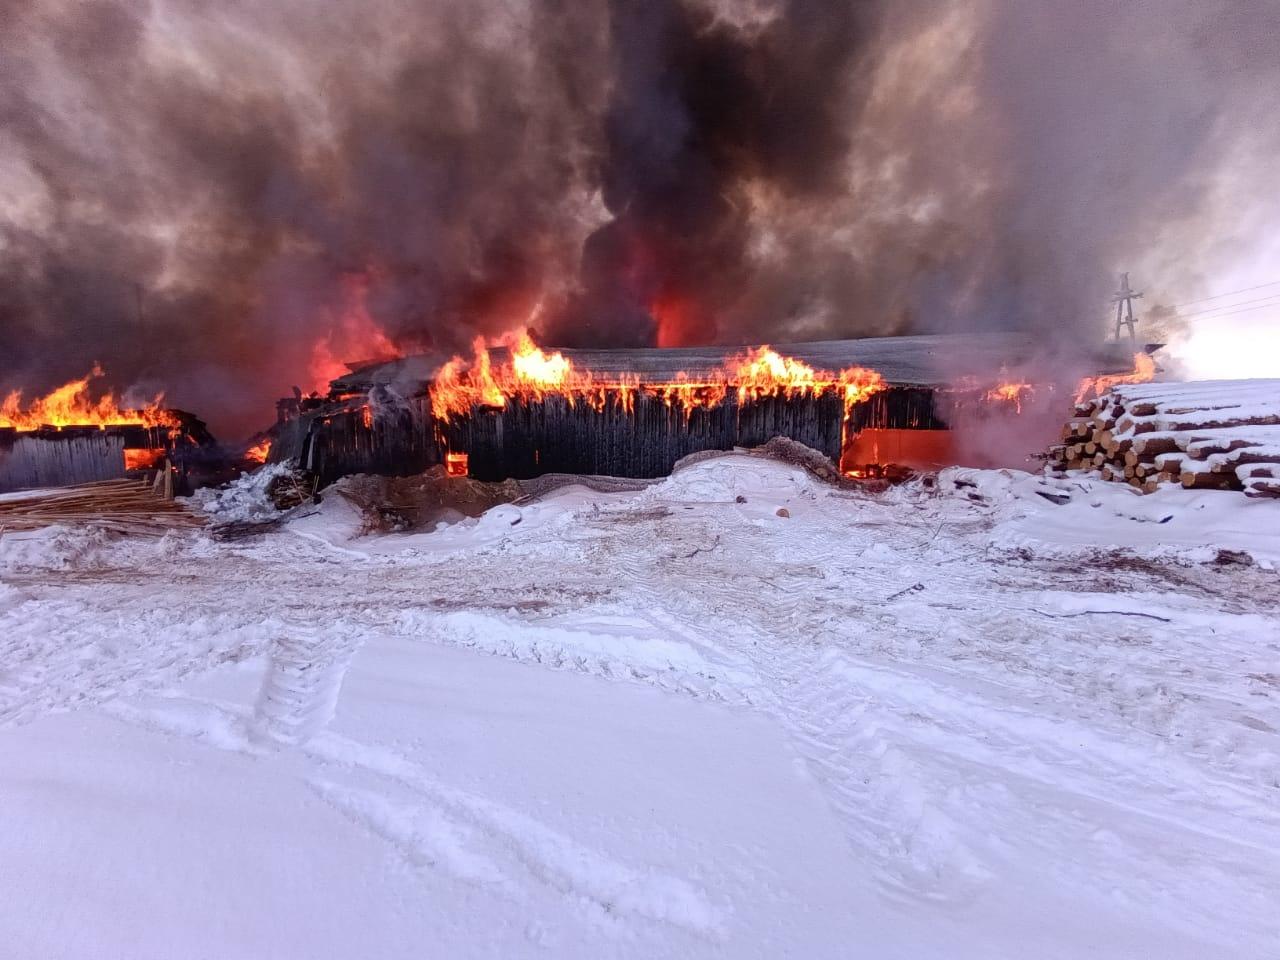 Пожарно-спасательные подразделения ликвидировали пожар в г. Каргополь Архангельской области.